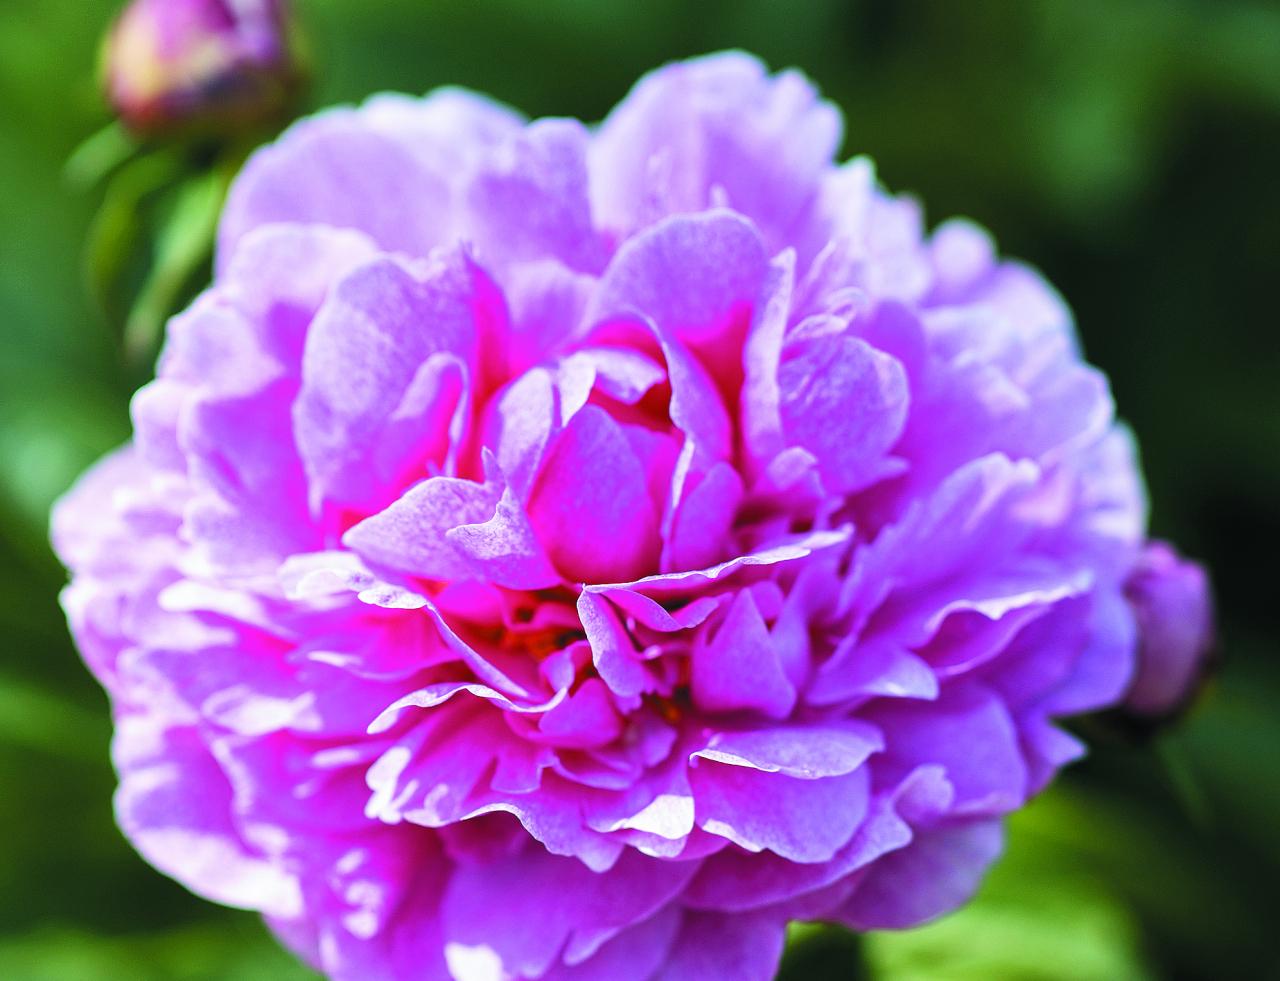 The Fawn. Šajā vārdā Kanādā, no kurienes cēlusies šķirne, sauc briežu mazuļus. Rozā peonijas ziedlapiņas klātas ar lāsumiem, kas līdzinās briedēnu kažociņa krāsojumam.